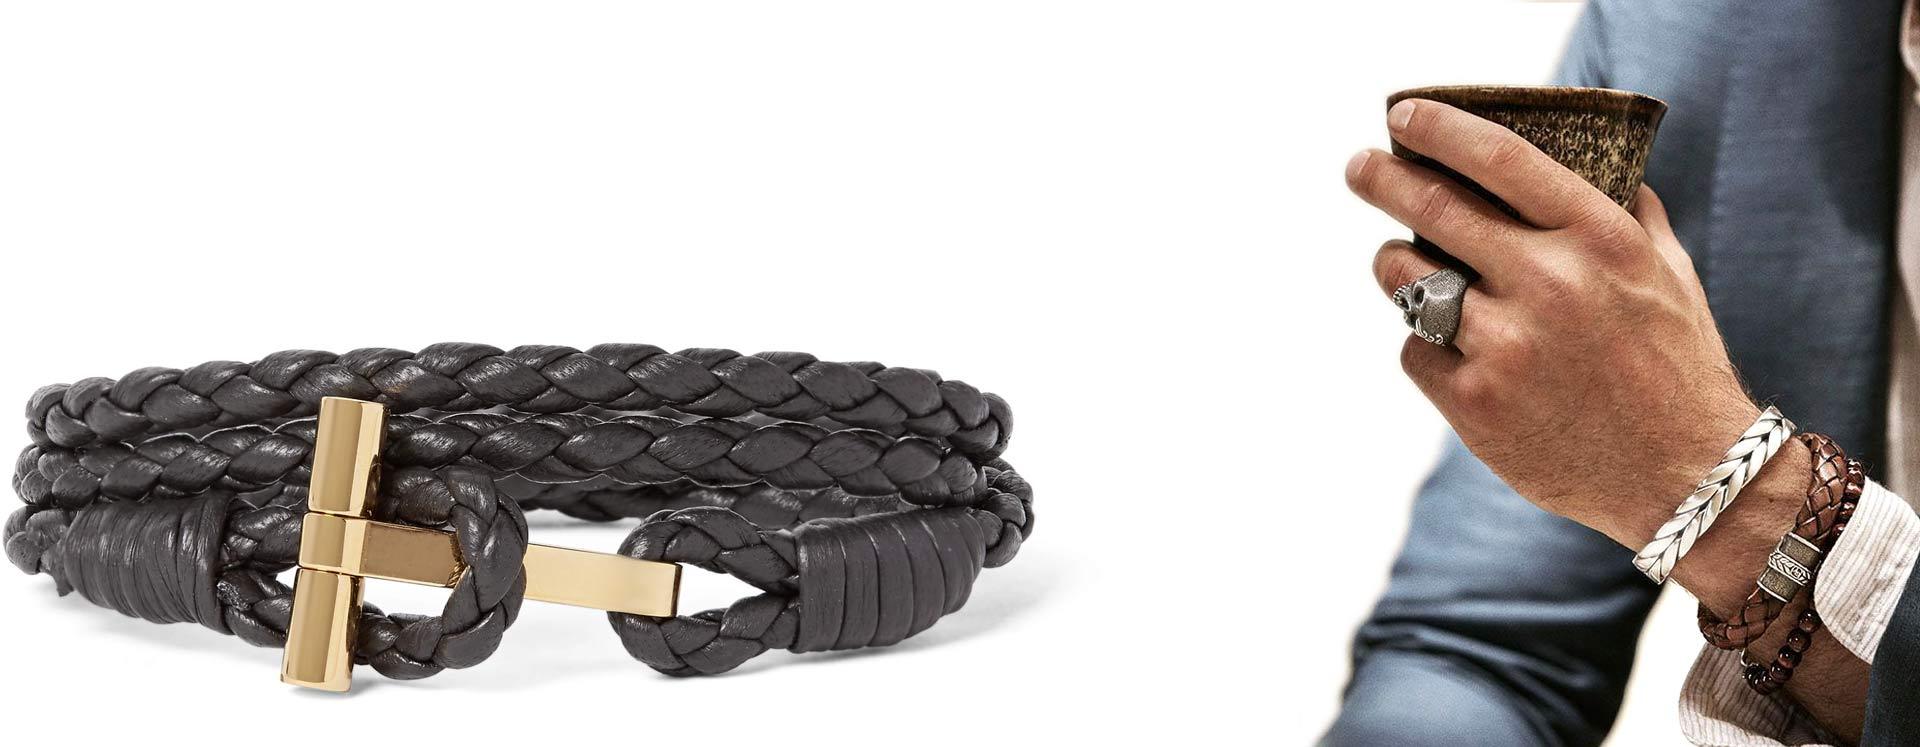 men's jewellery020jpg - برندهای لوکسی که موجب رونق جواهرات مردانه شده اند